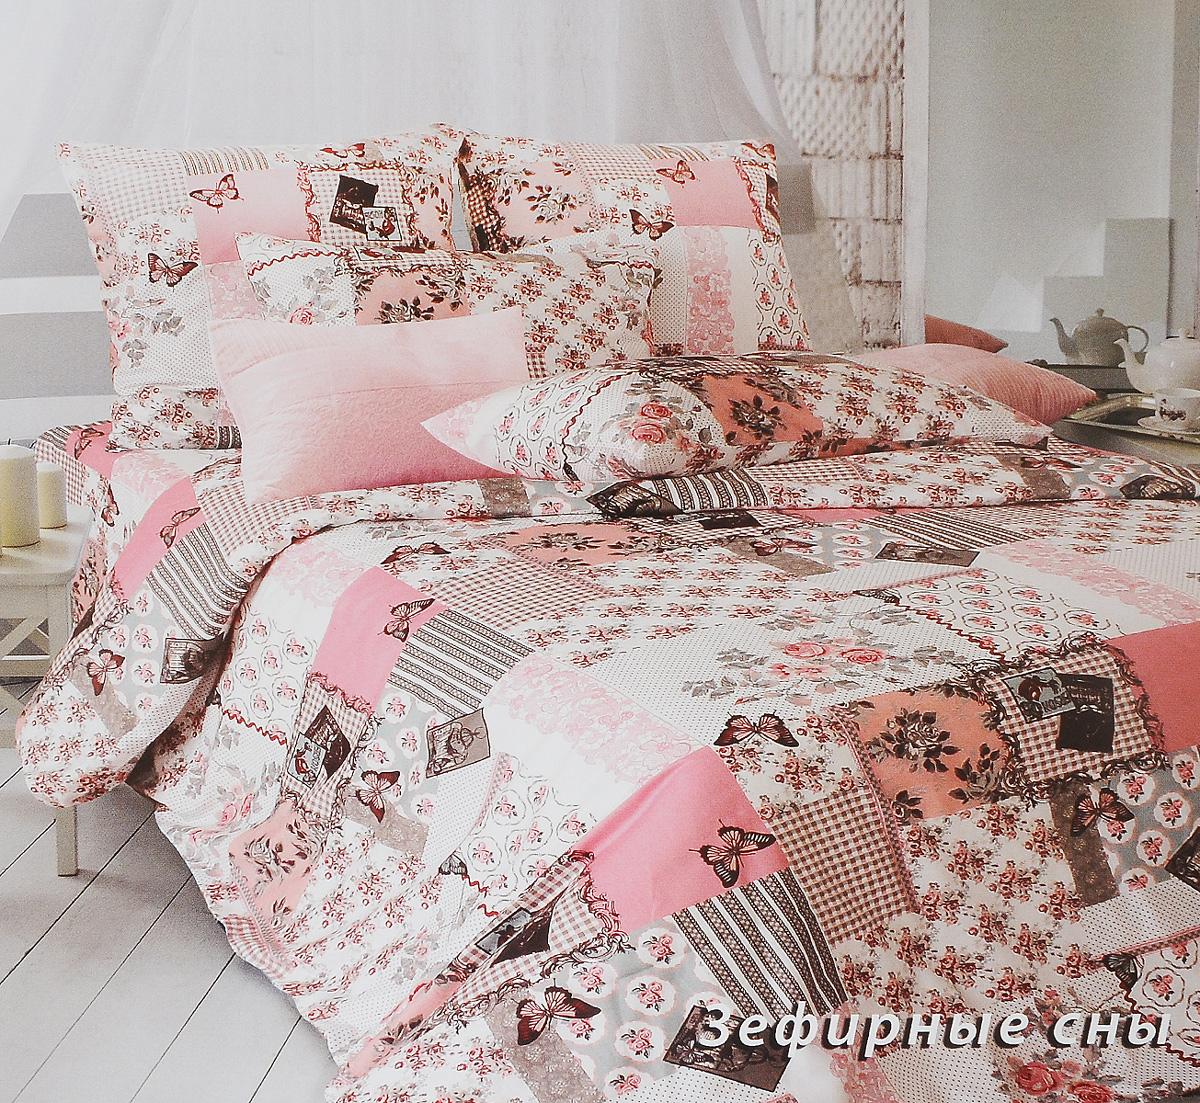 Комплект белья Tiffany's Secret Зефирные сны, евро, наволочки 50х70, цвет: розовый, белый, темно-коричневый комплект постельного белья tiffany s secret евро сатин зефирные сны